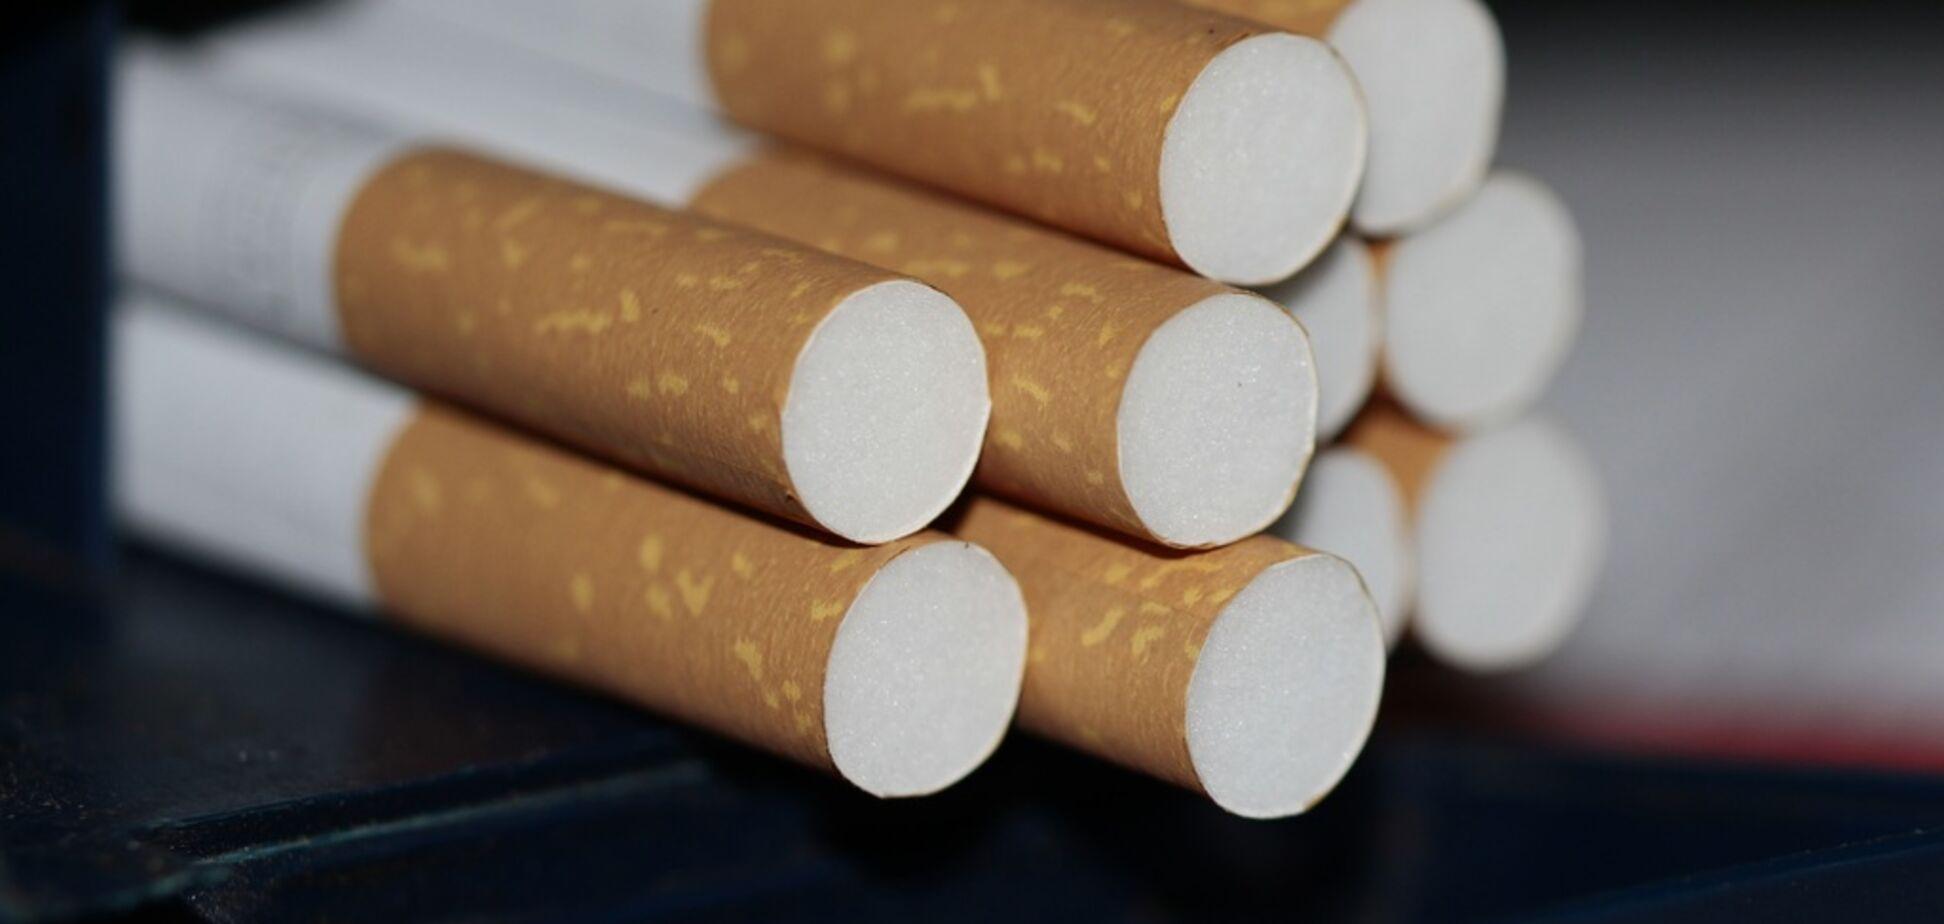 120 грн за пачку: стало известно, когда в Украине подорожают сигареты